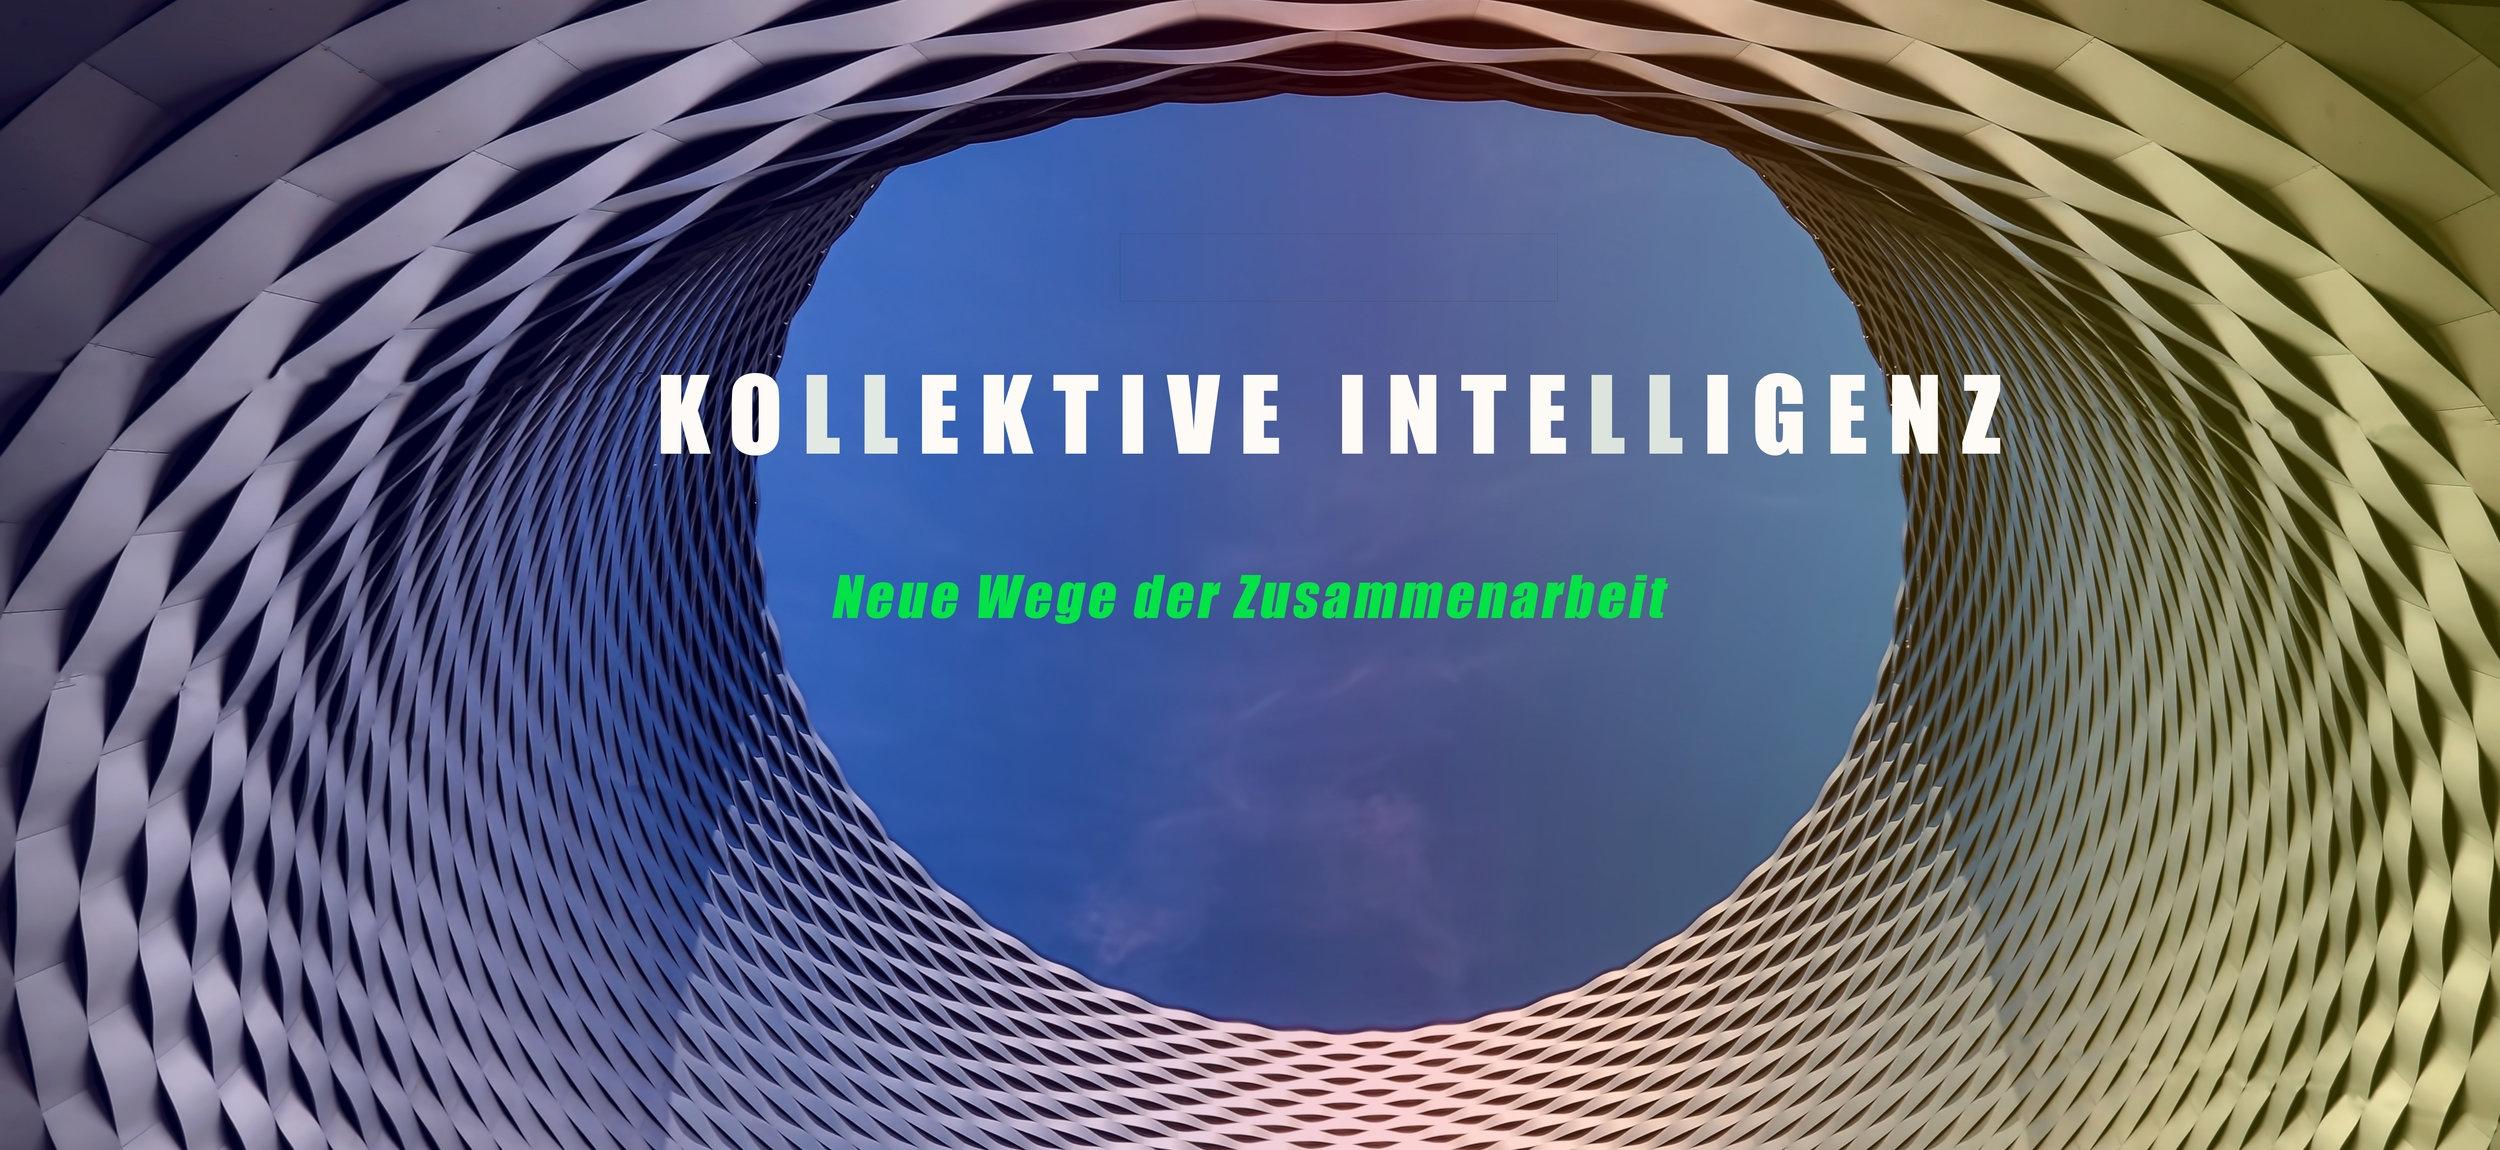 Kollektive Intelligenz 4.jpg